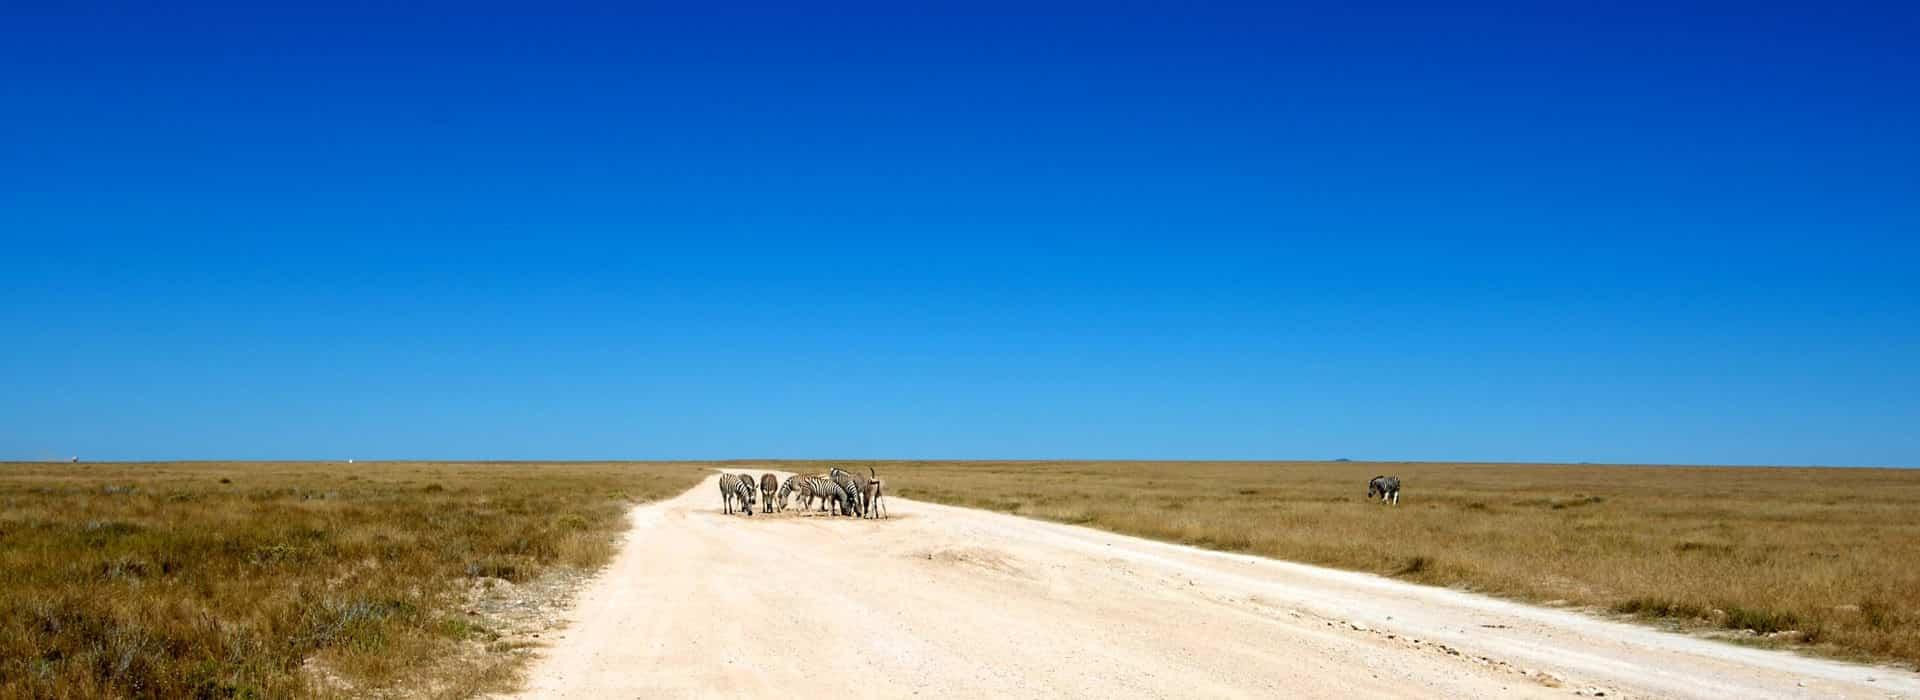 Blick Auf Den Etosha Nationalpark